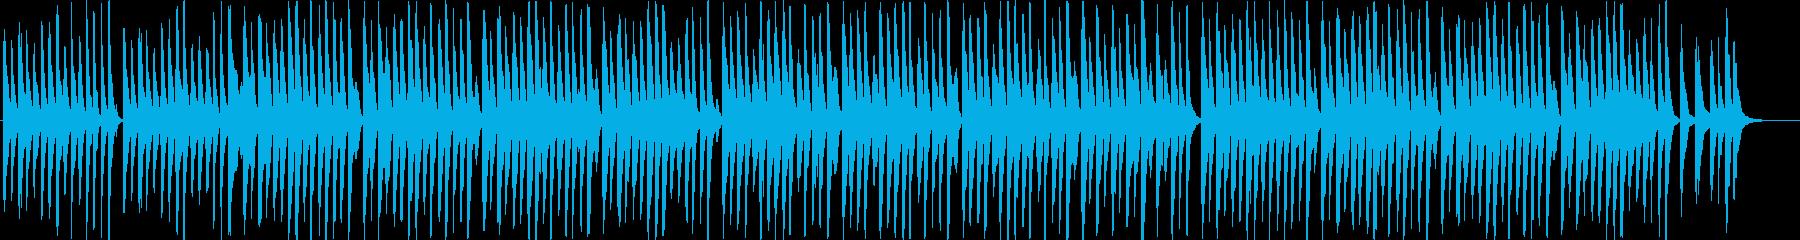 メディアでよく聴くライトアコースティックの再生済みの波形